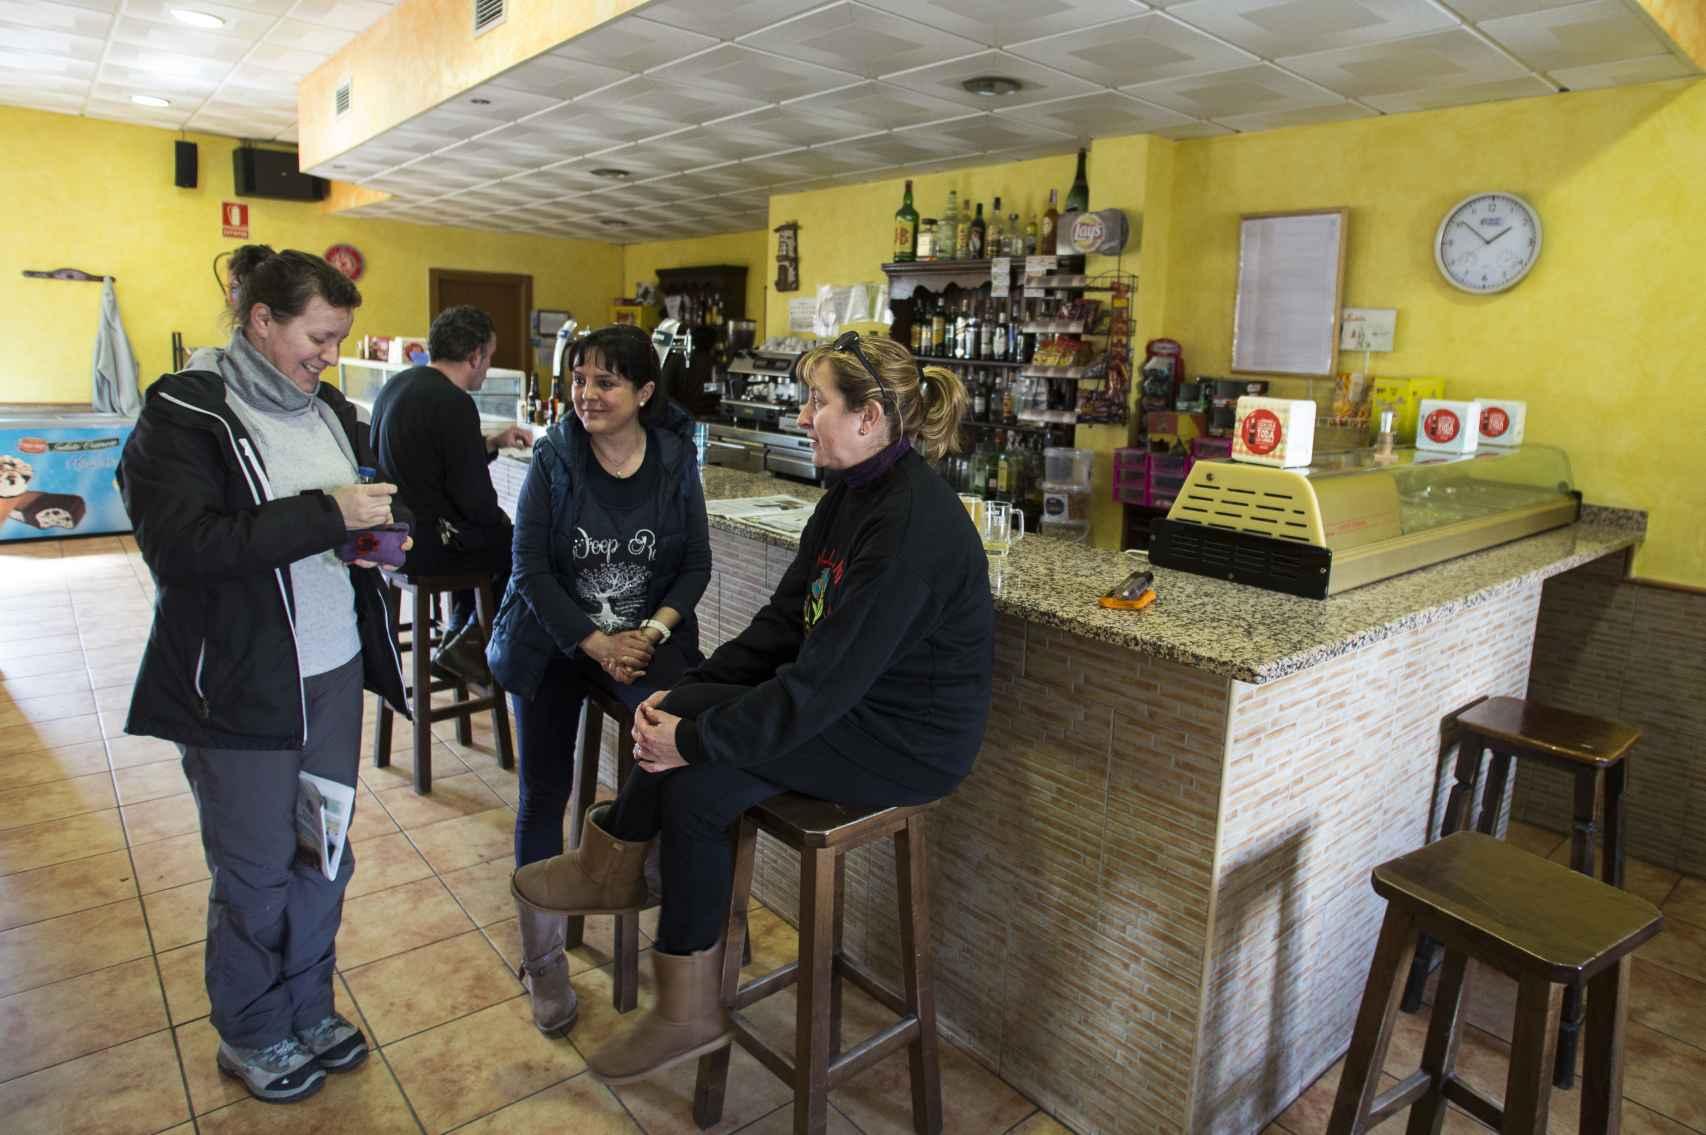 Alicia Sánchez, guardia civil en Monleras (Salamanca), con sus amigas en el bar.